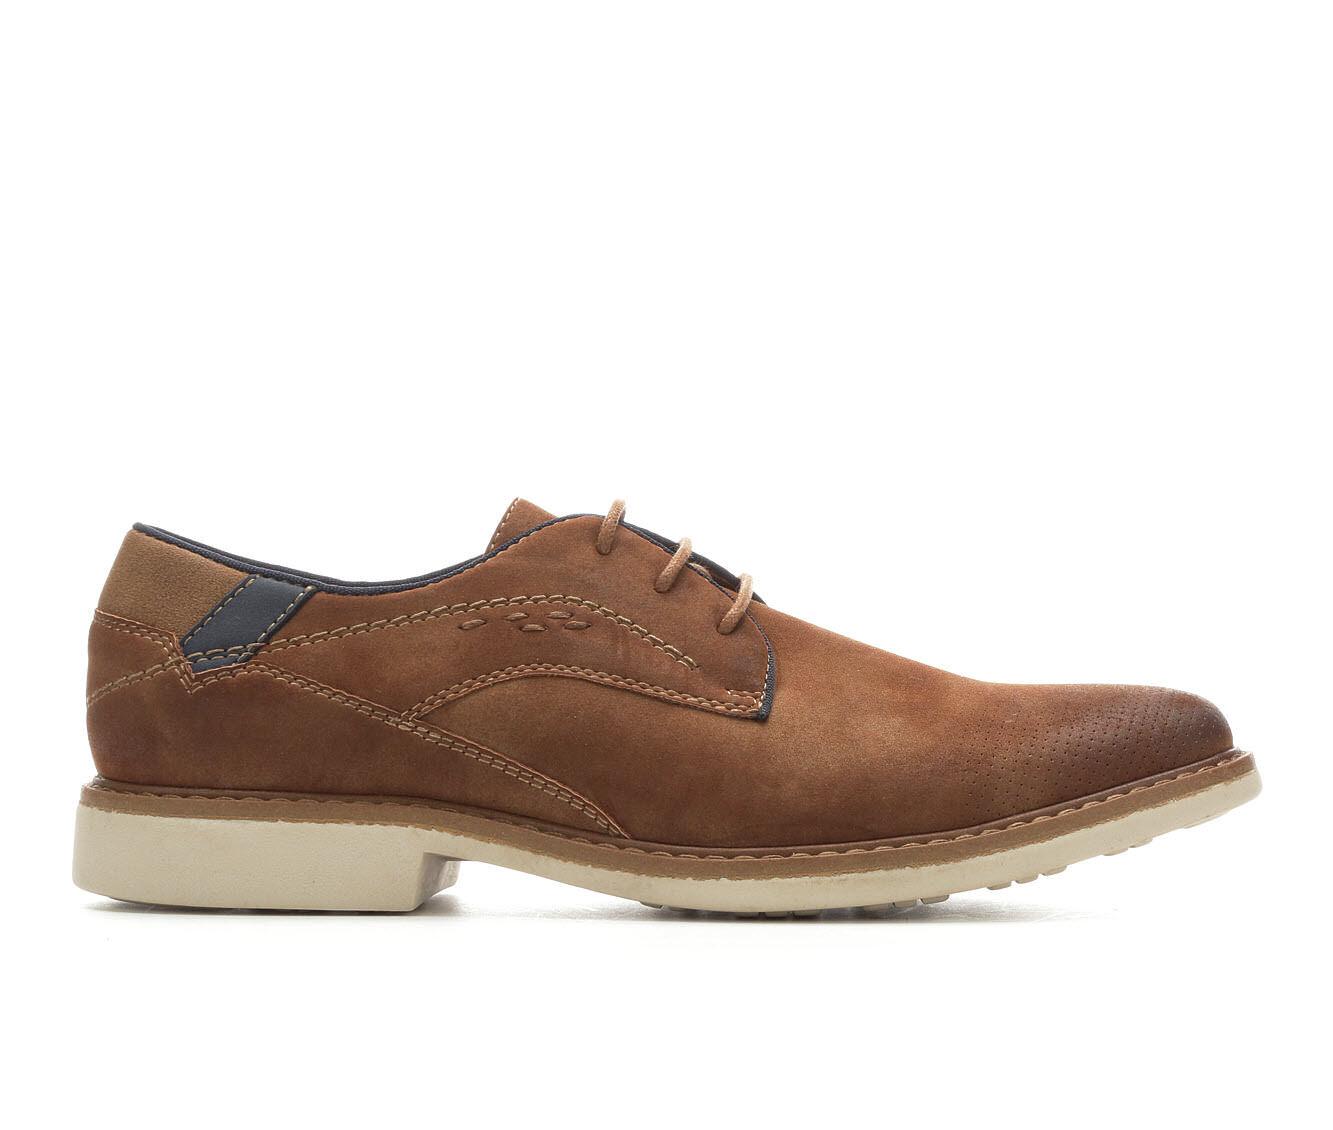 Men's Freeman Sawyer Dress Shoes Tan